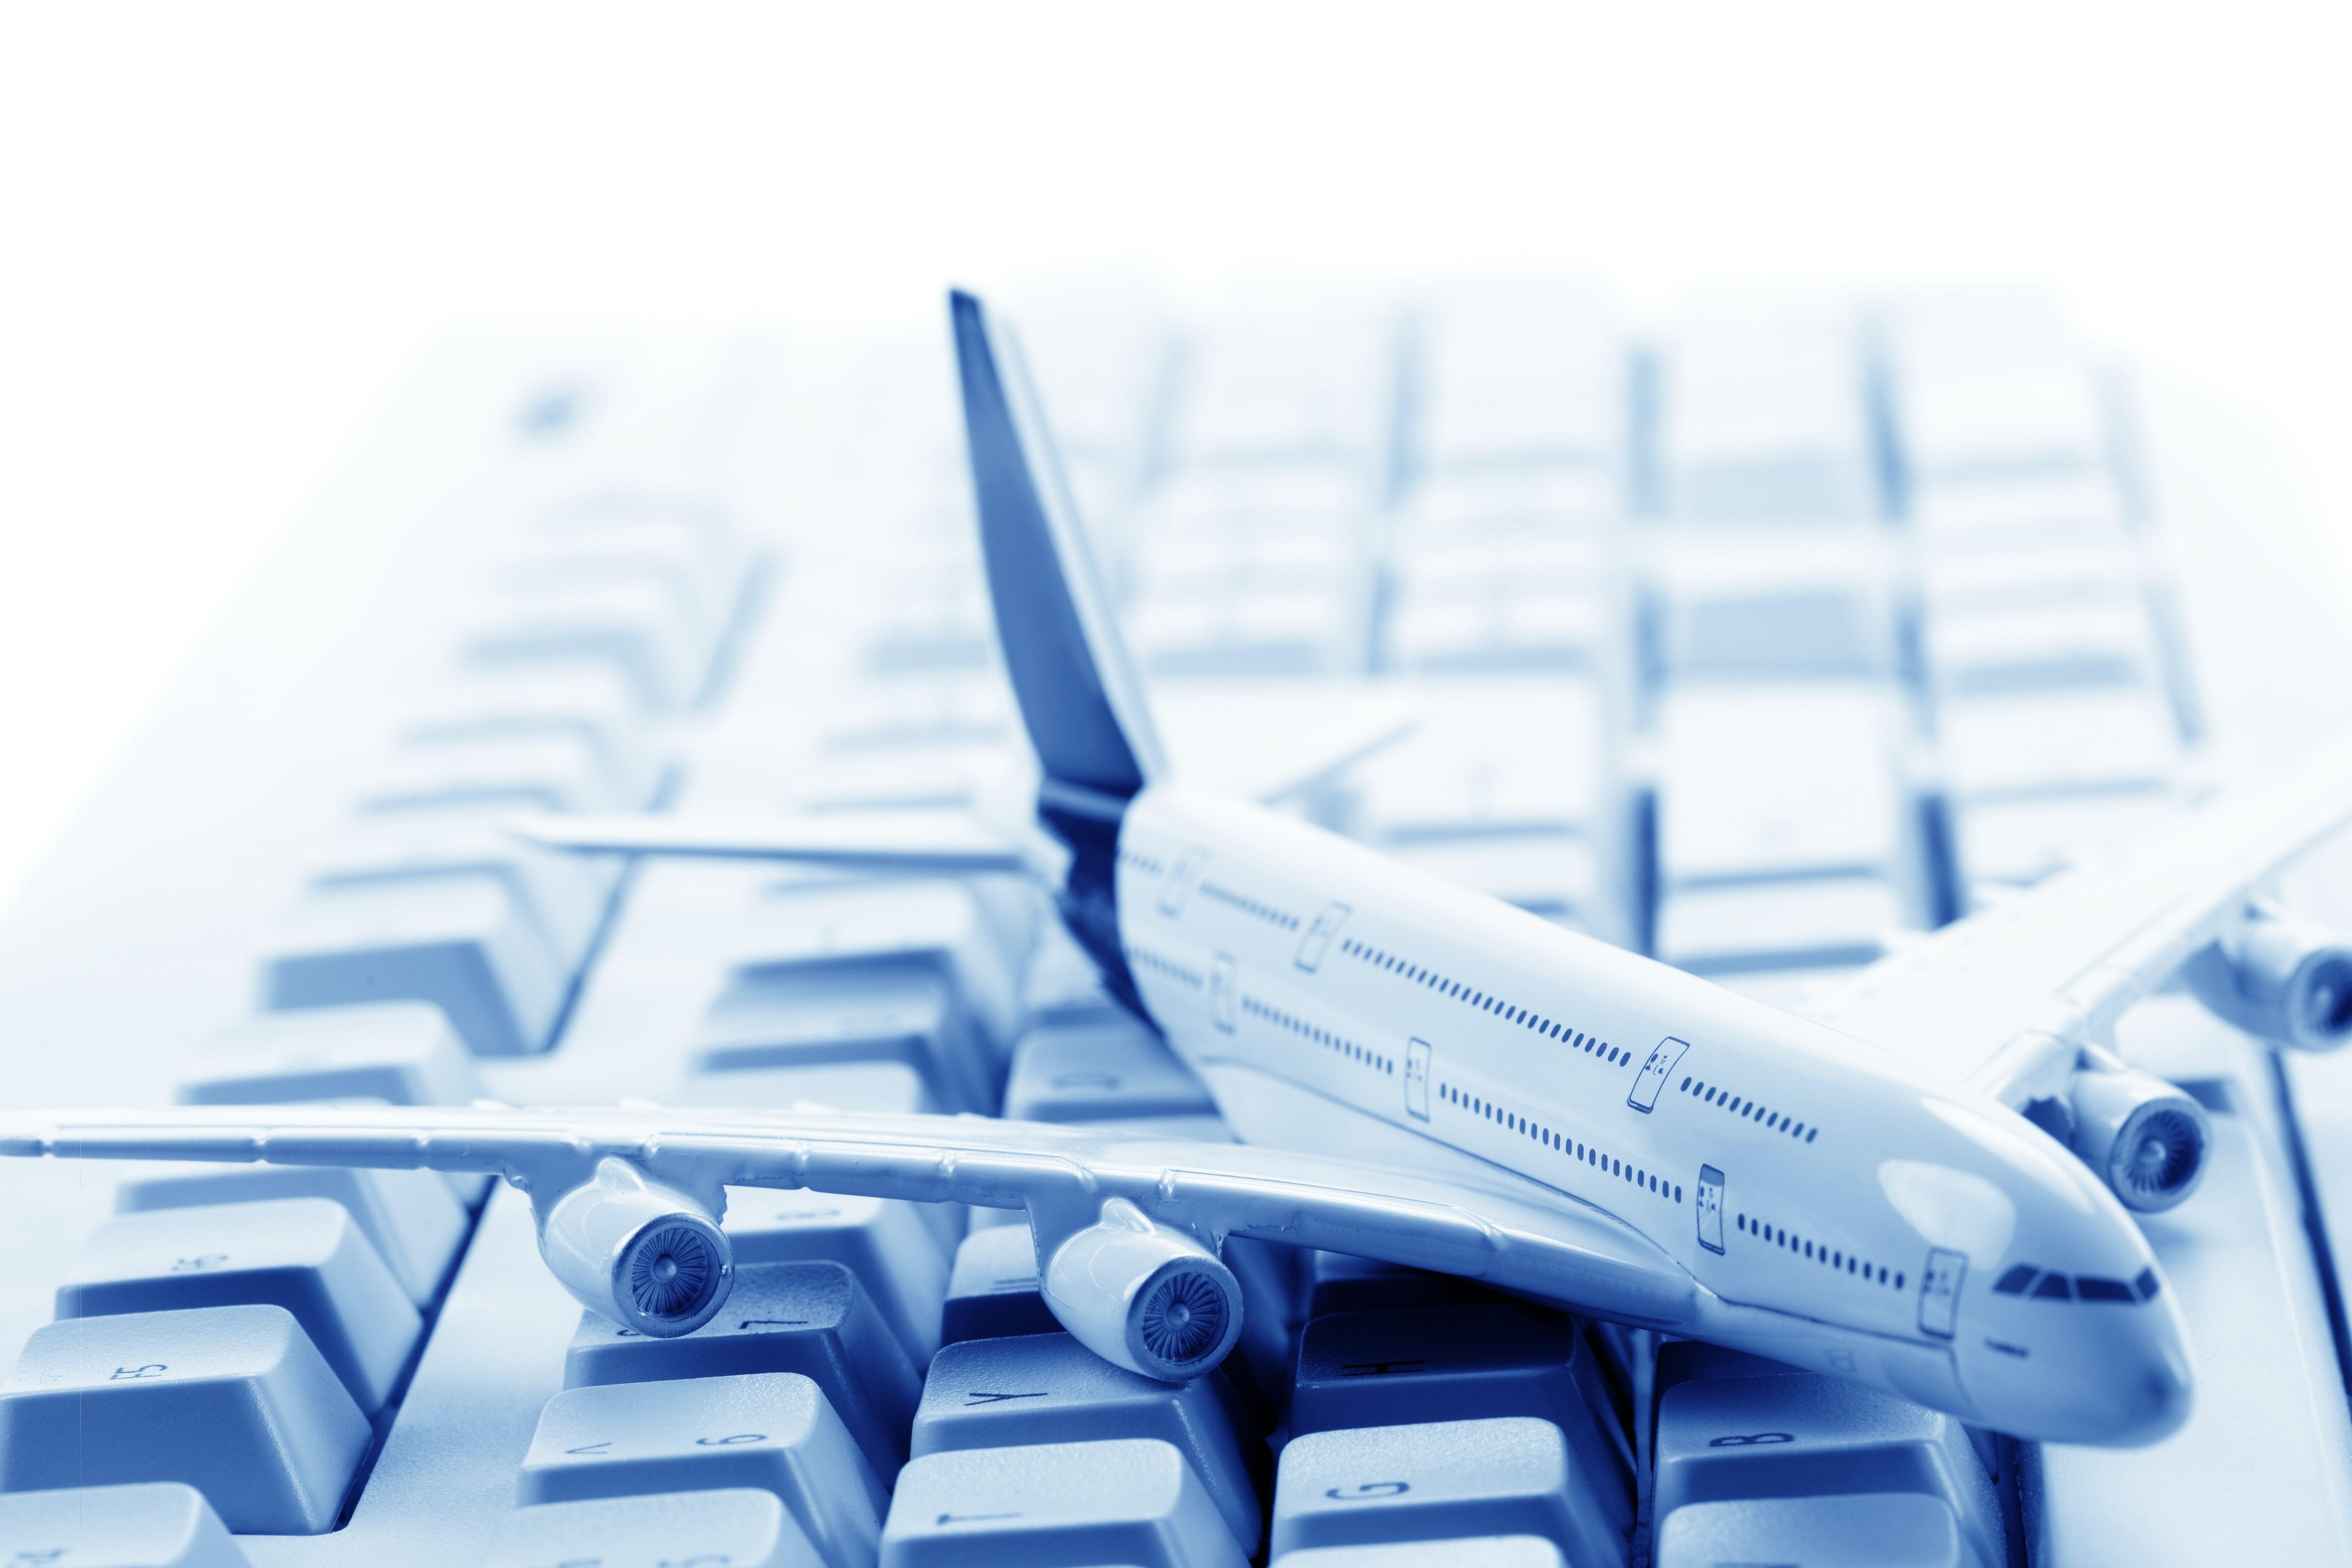 Quelles sont les techniques marketing pour vous faire payer vos billets d'avion toujours plus cher, et comment les éviter ?